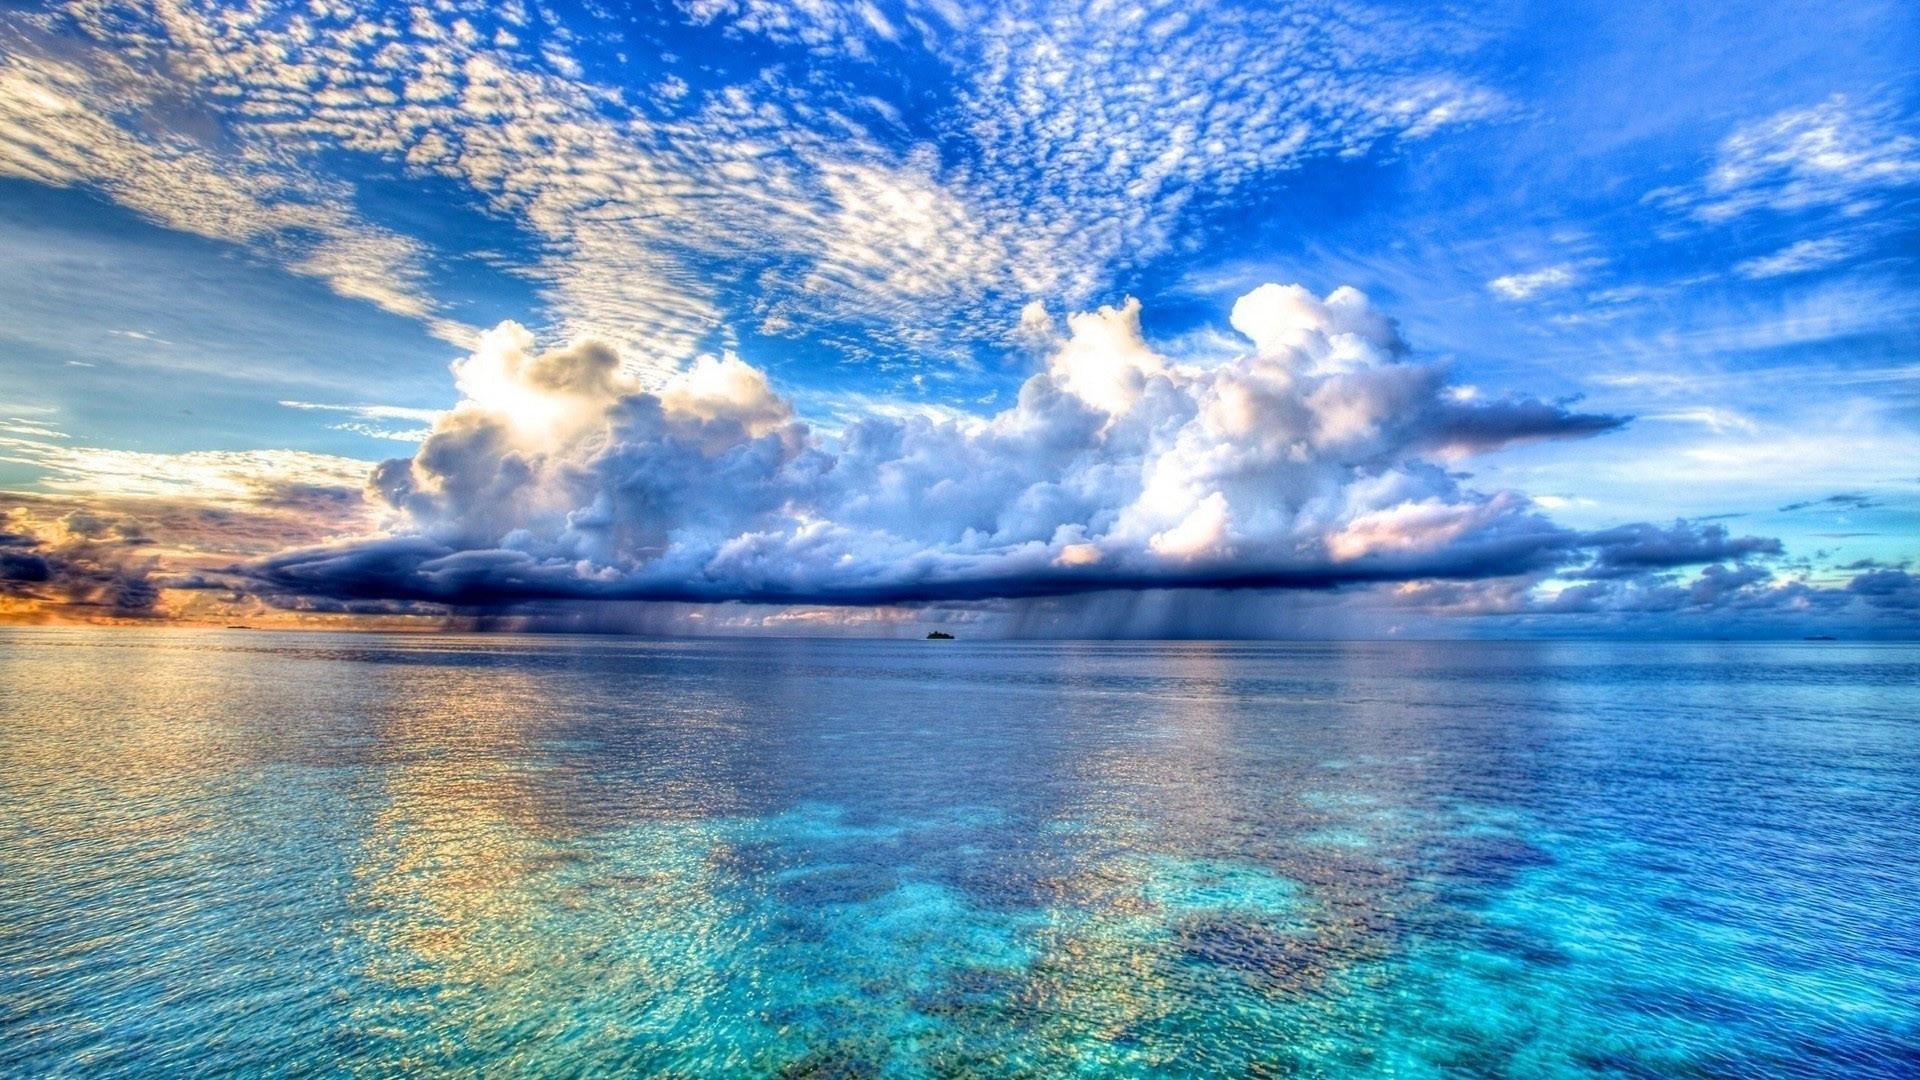 1920x1080 Hd Beach Widescreen Backgrounds 1